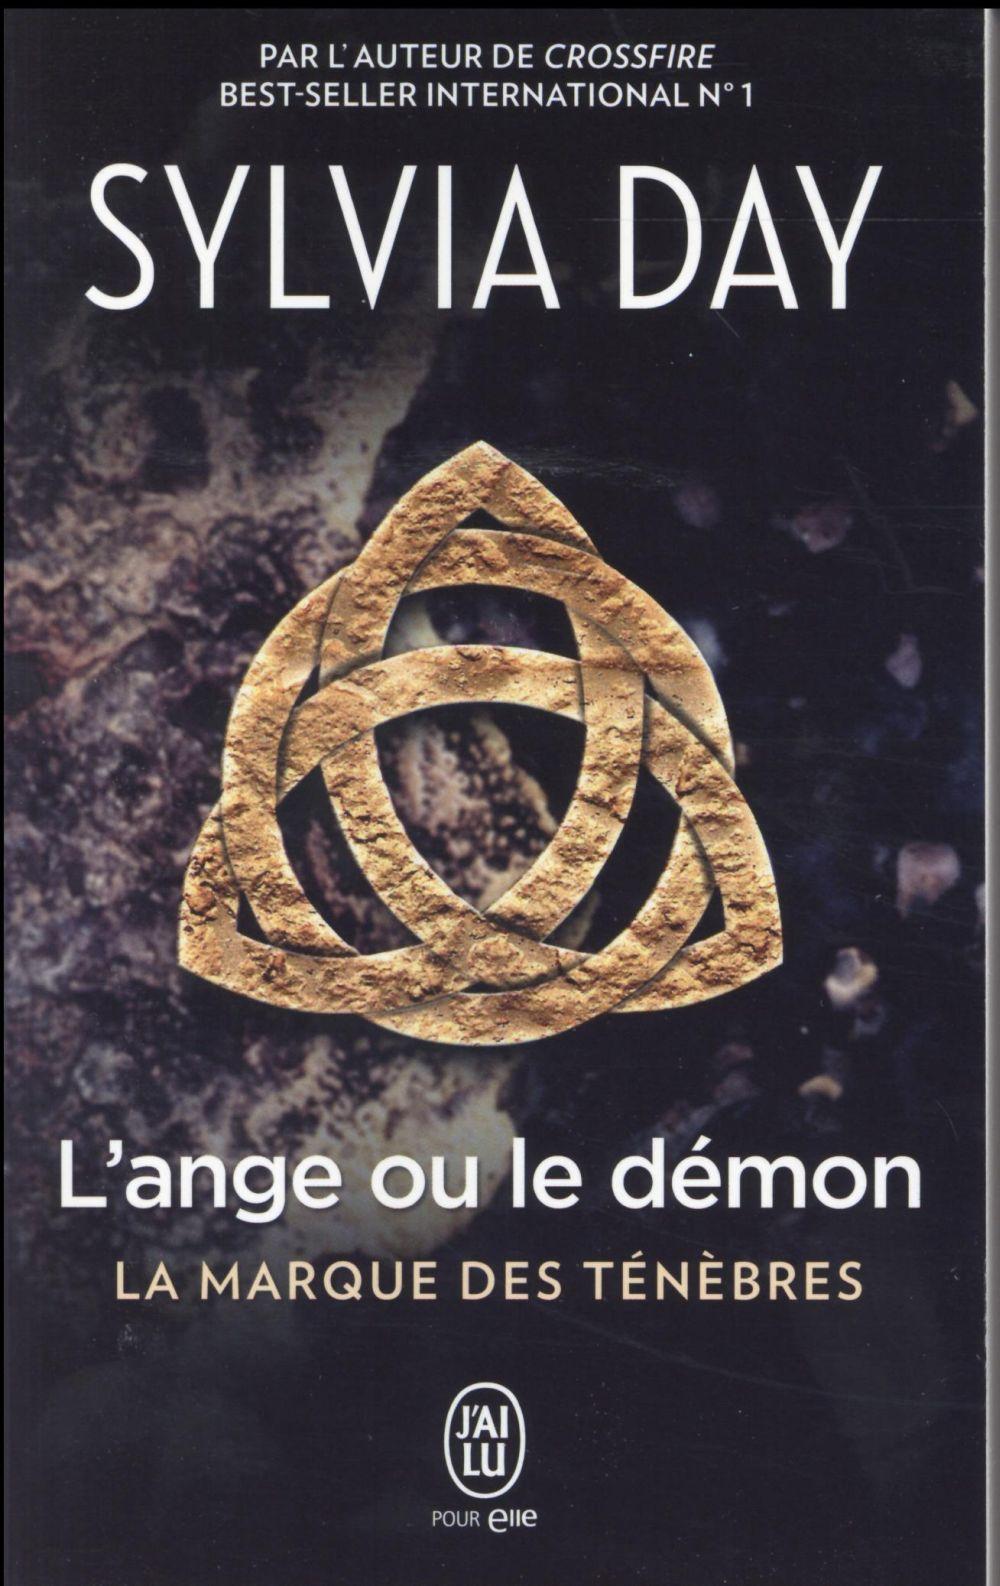 L'ANGE OU LE DEMON - LA MARQUE DES TENEBRES - T1